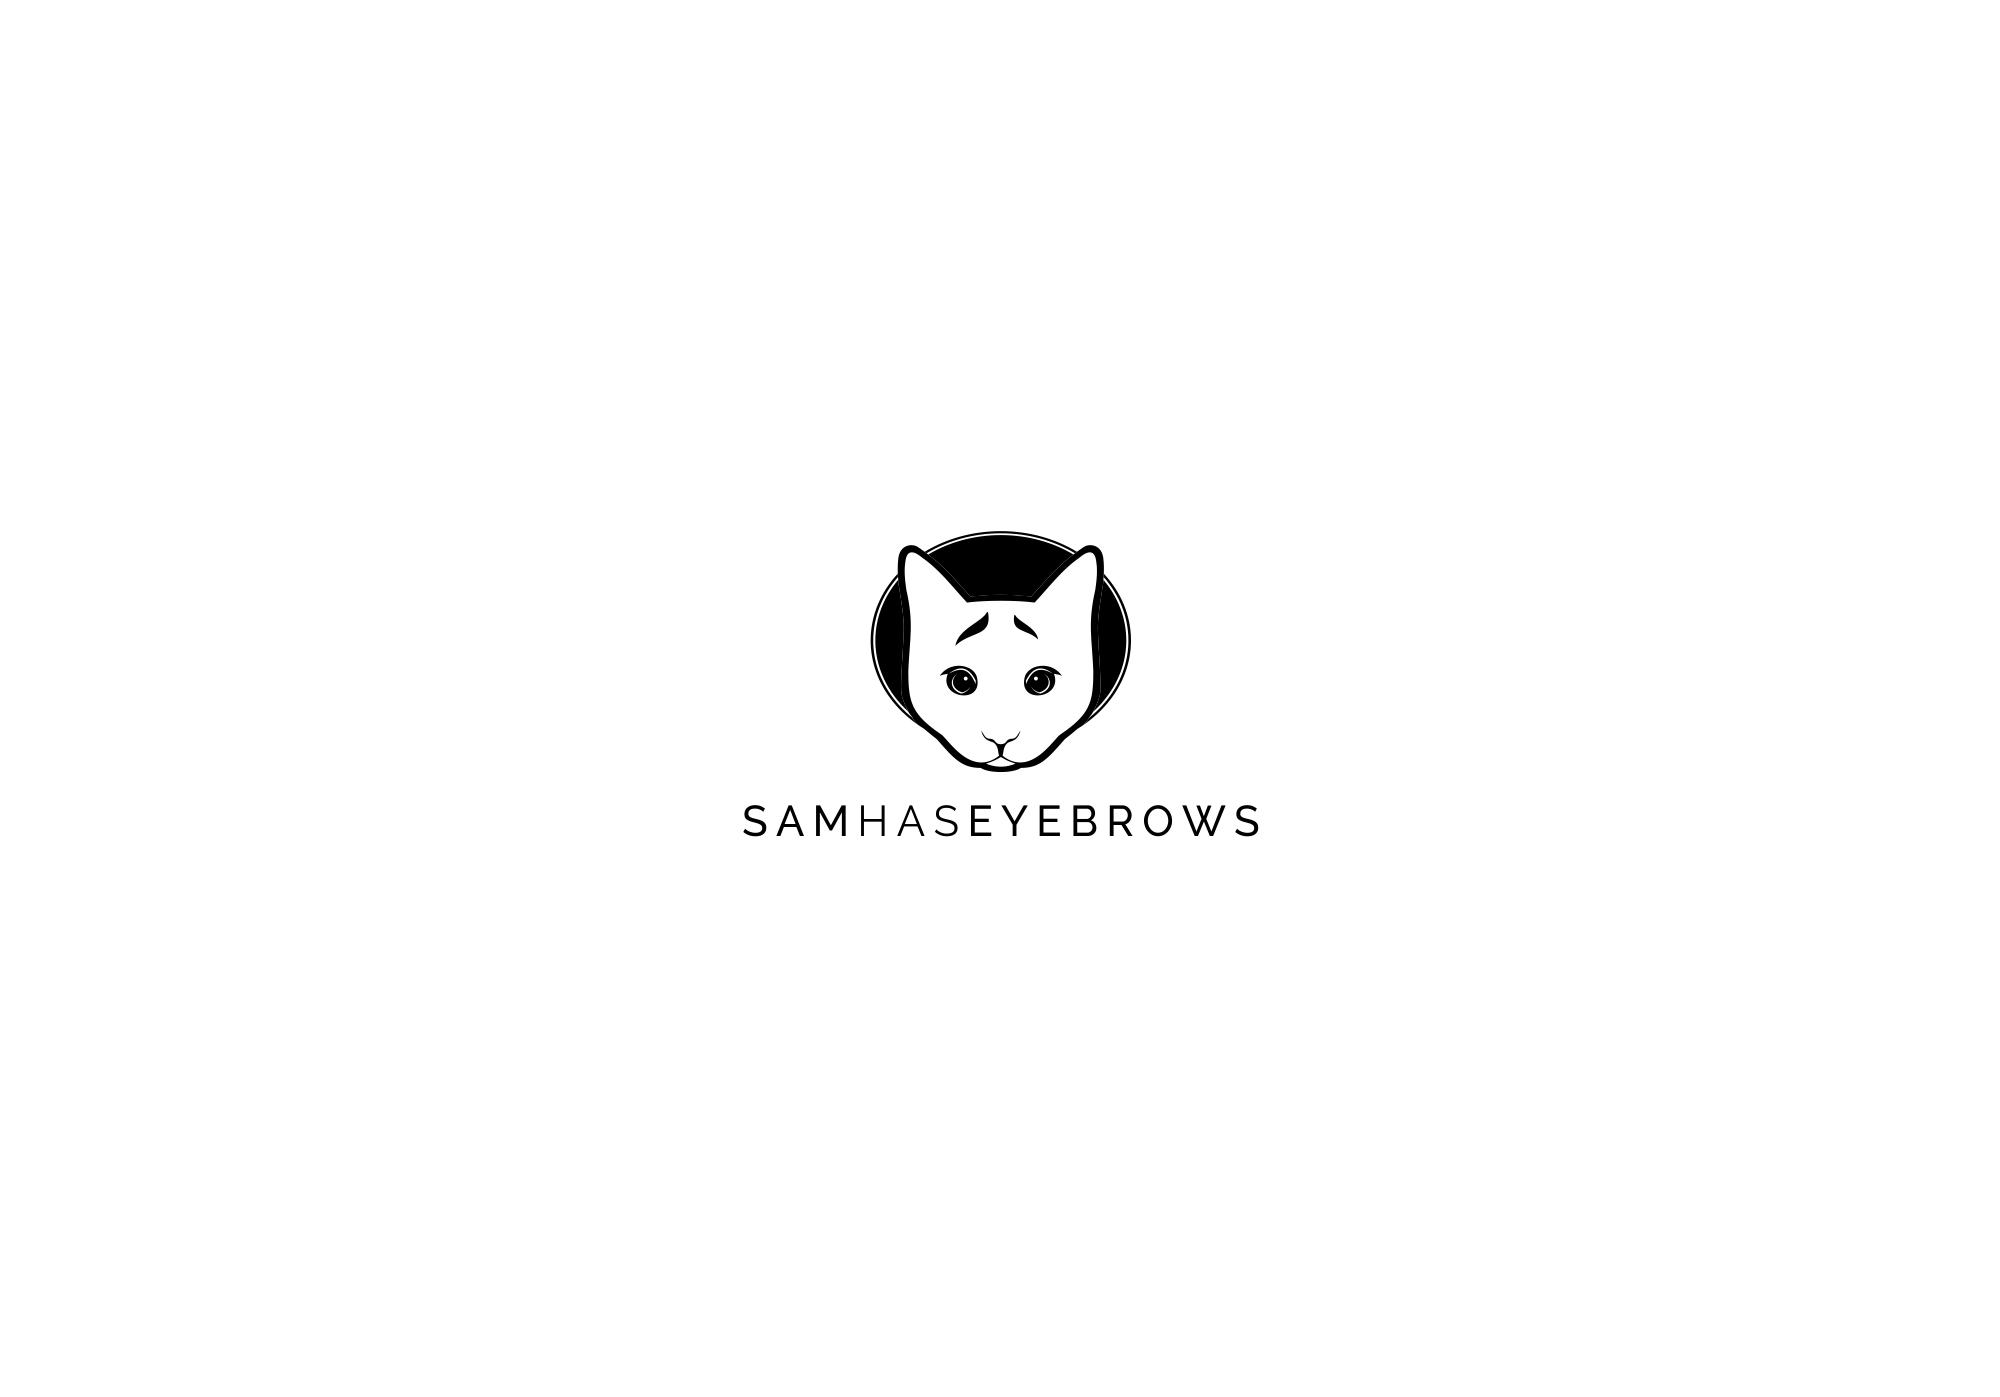 Famous cat needs a simple, famous logo!